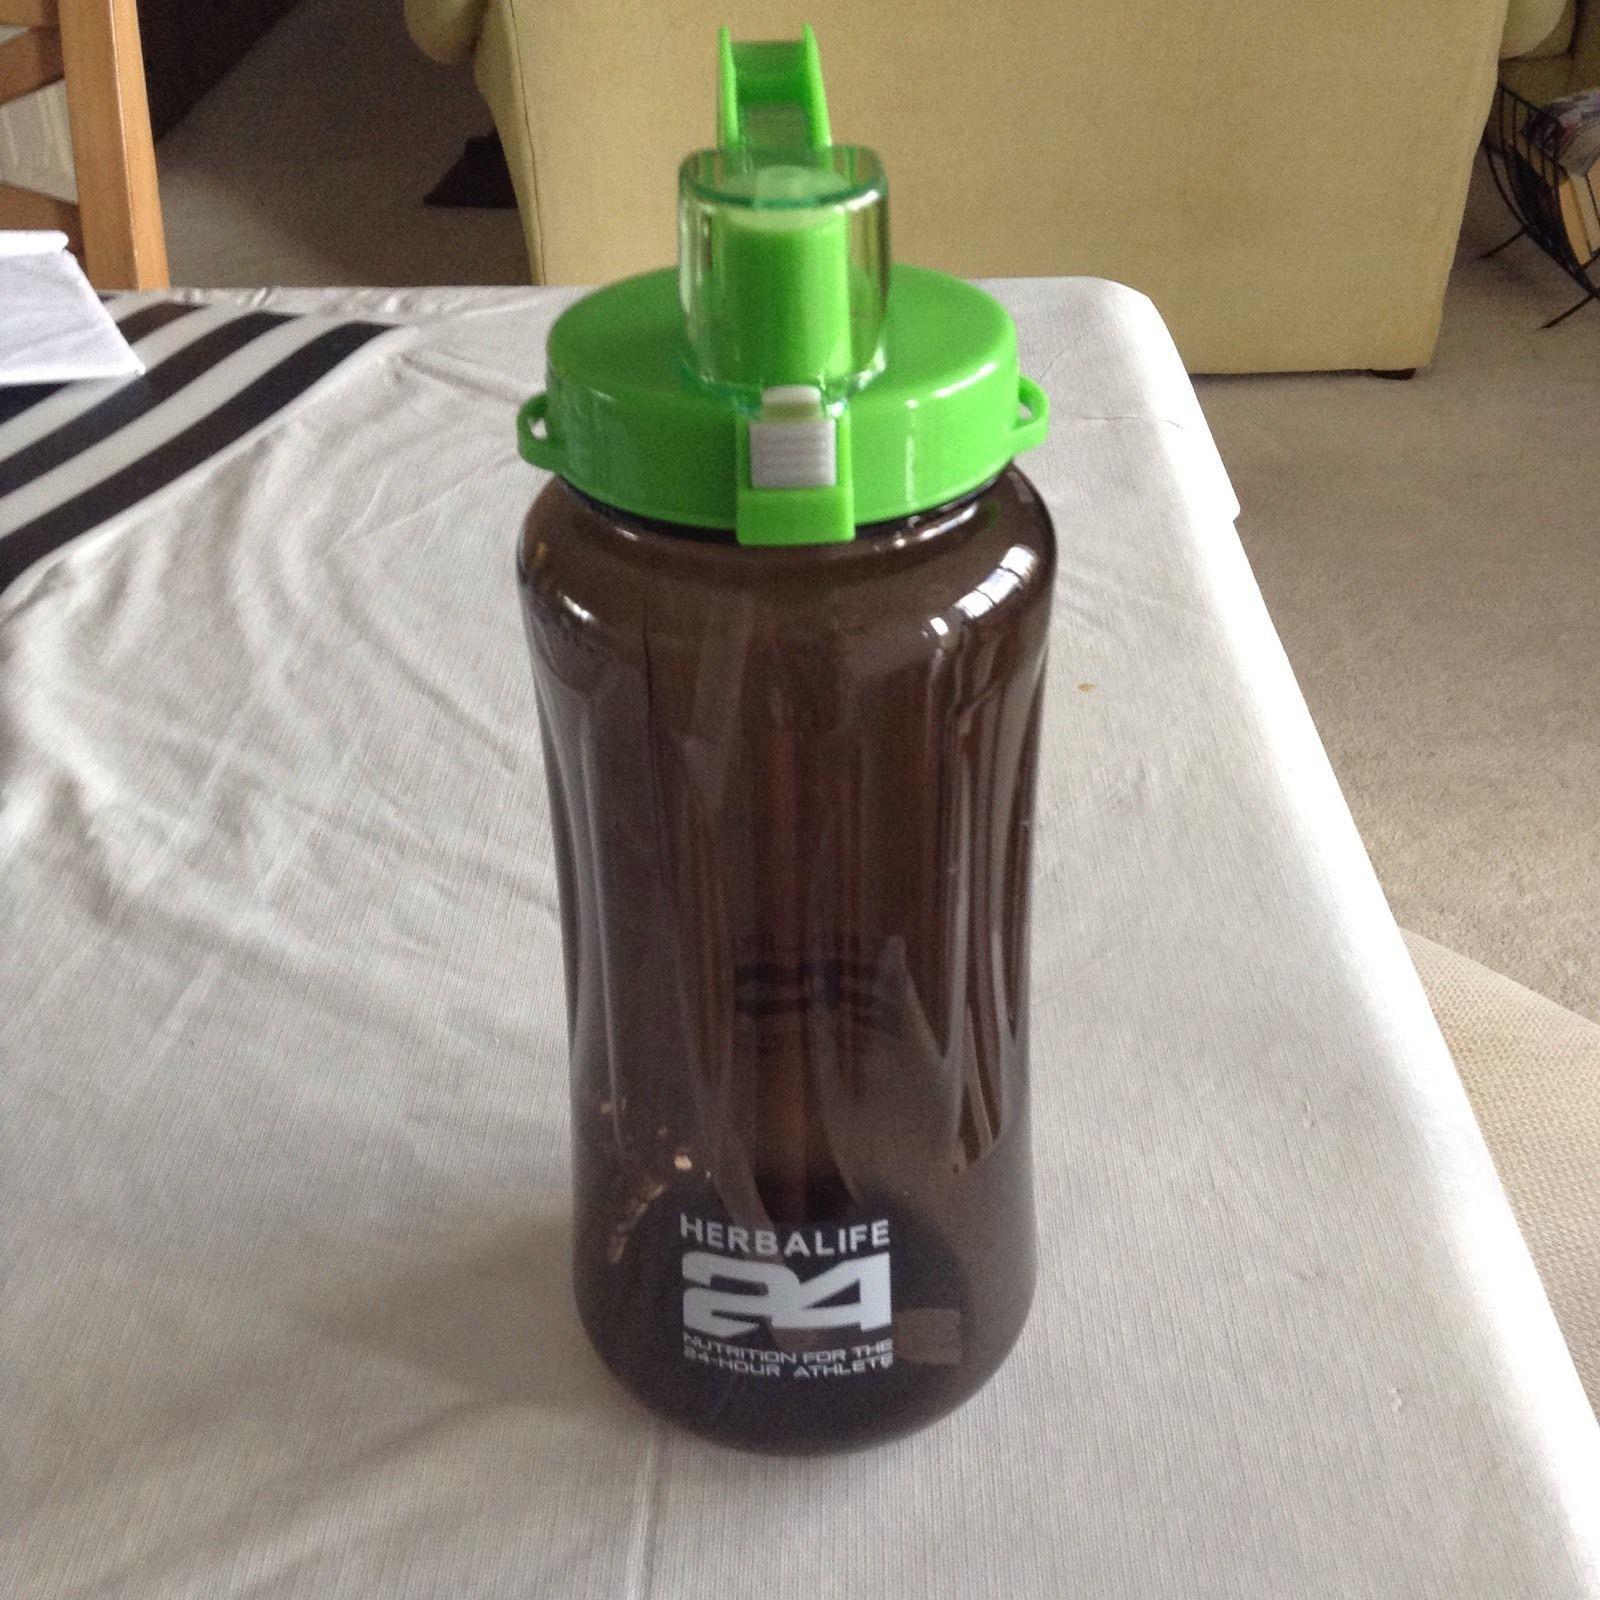 Surdimensionné Bouteille D'eau 2000ml De Mode Frozem Portable Espace Coupe Herbalife Nutrition Personnalisé Shaker Bouteille Livraison Gratuite